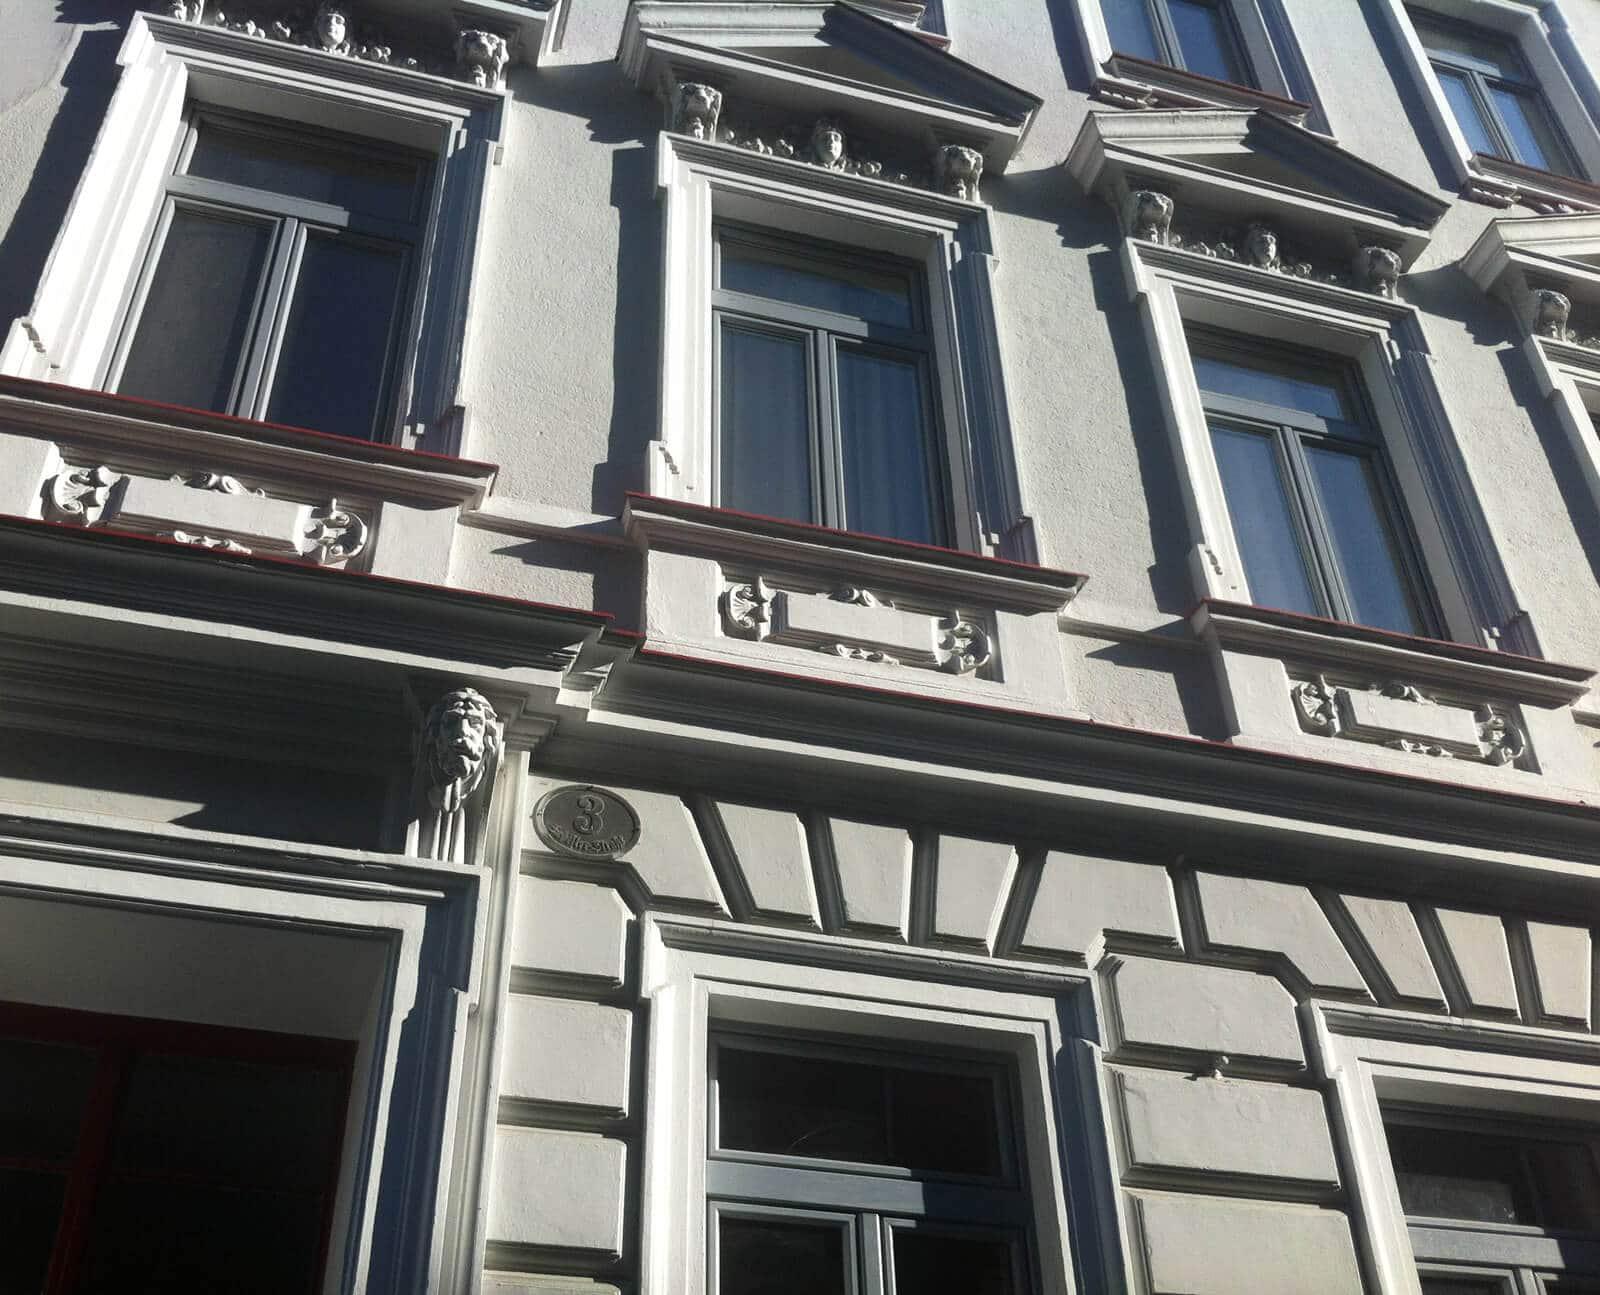 Fenstersanierung in Linz